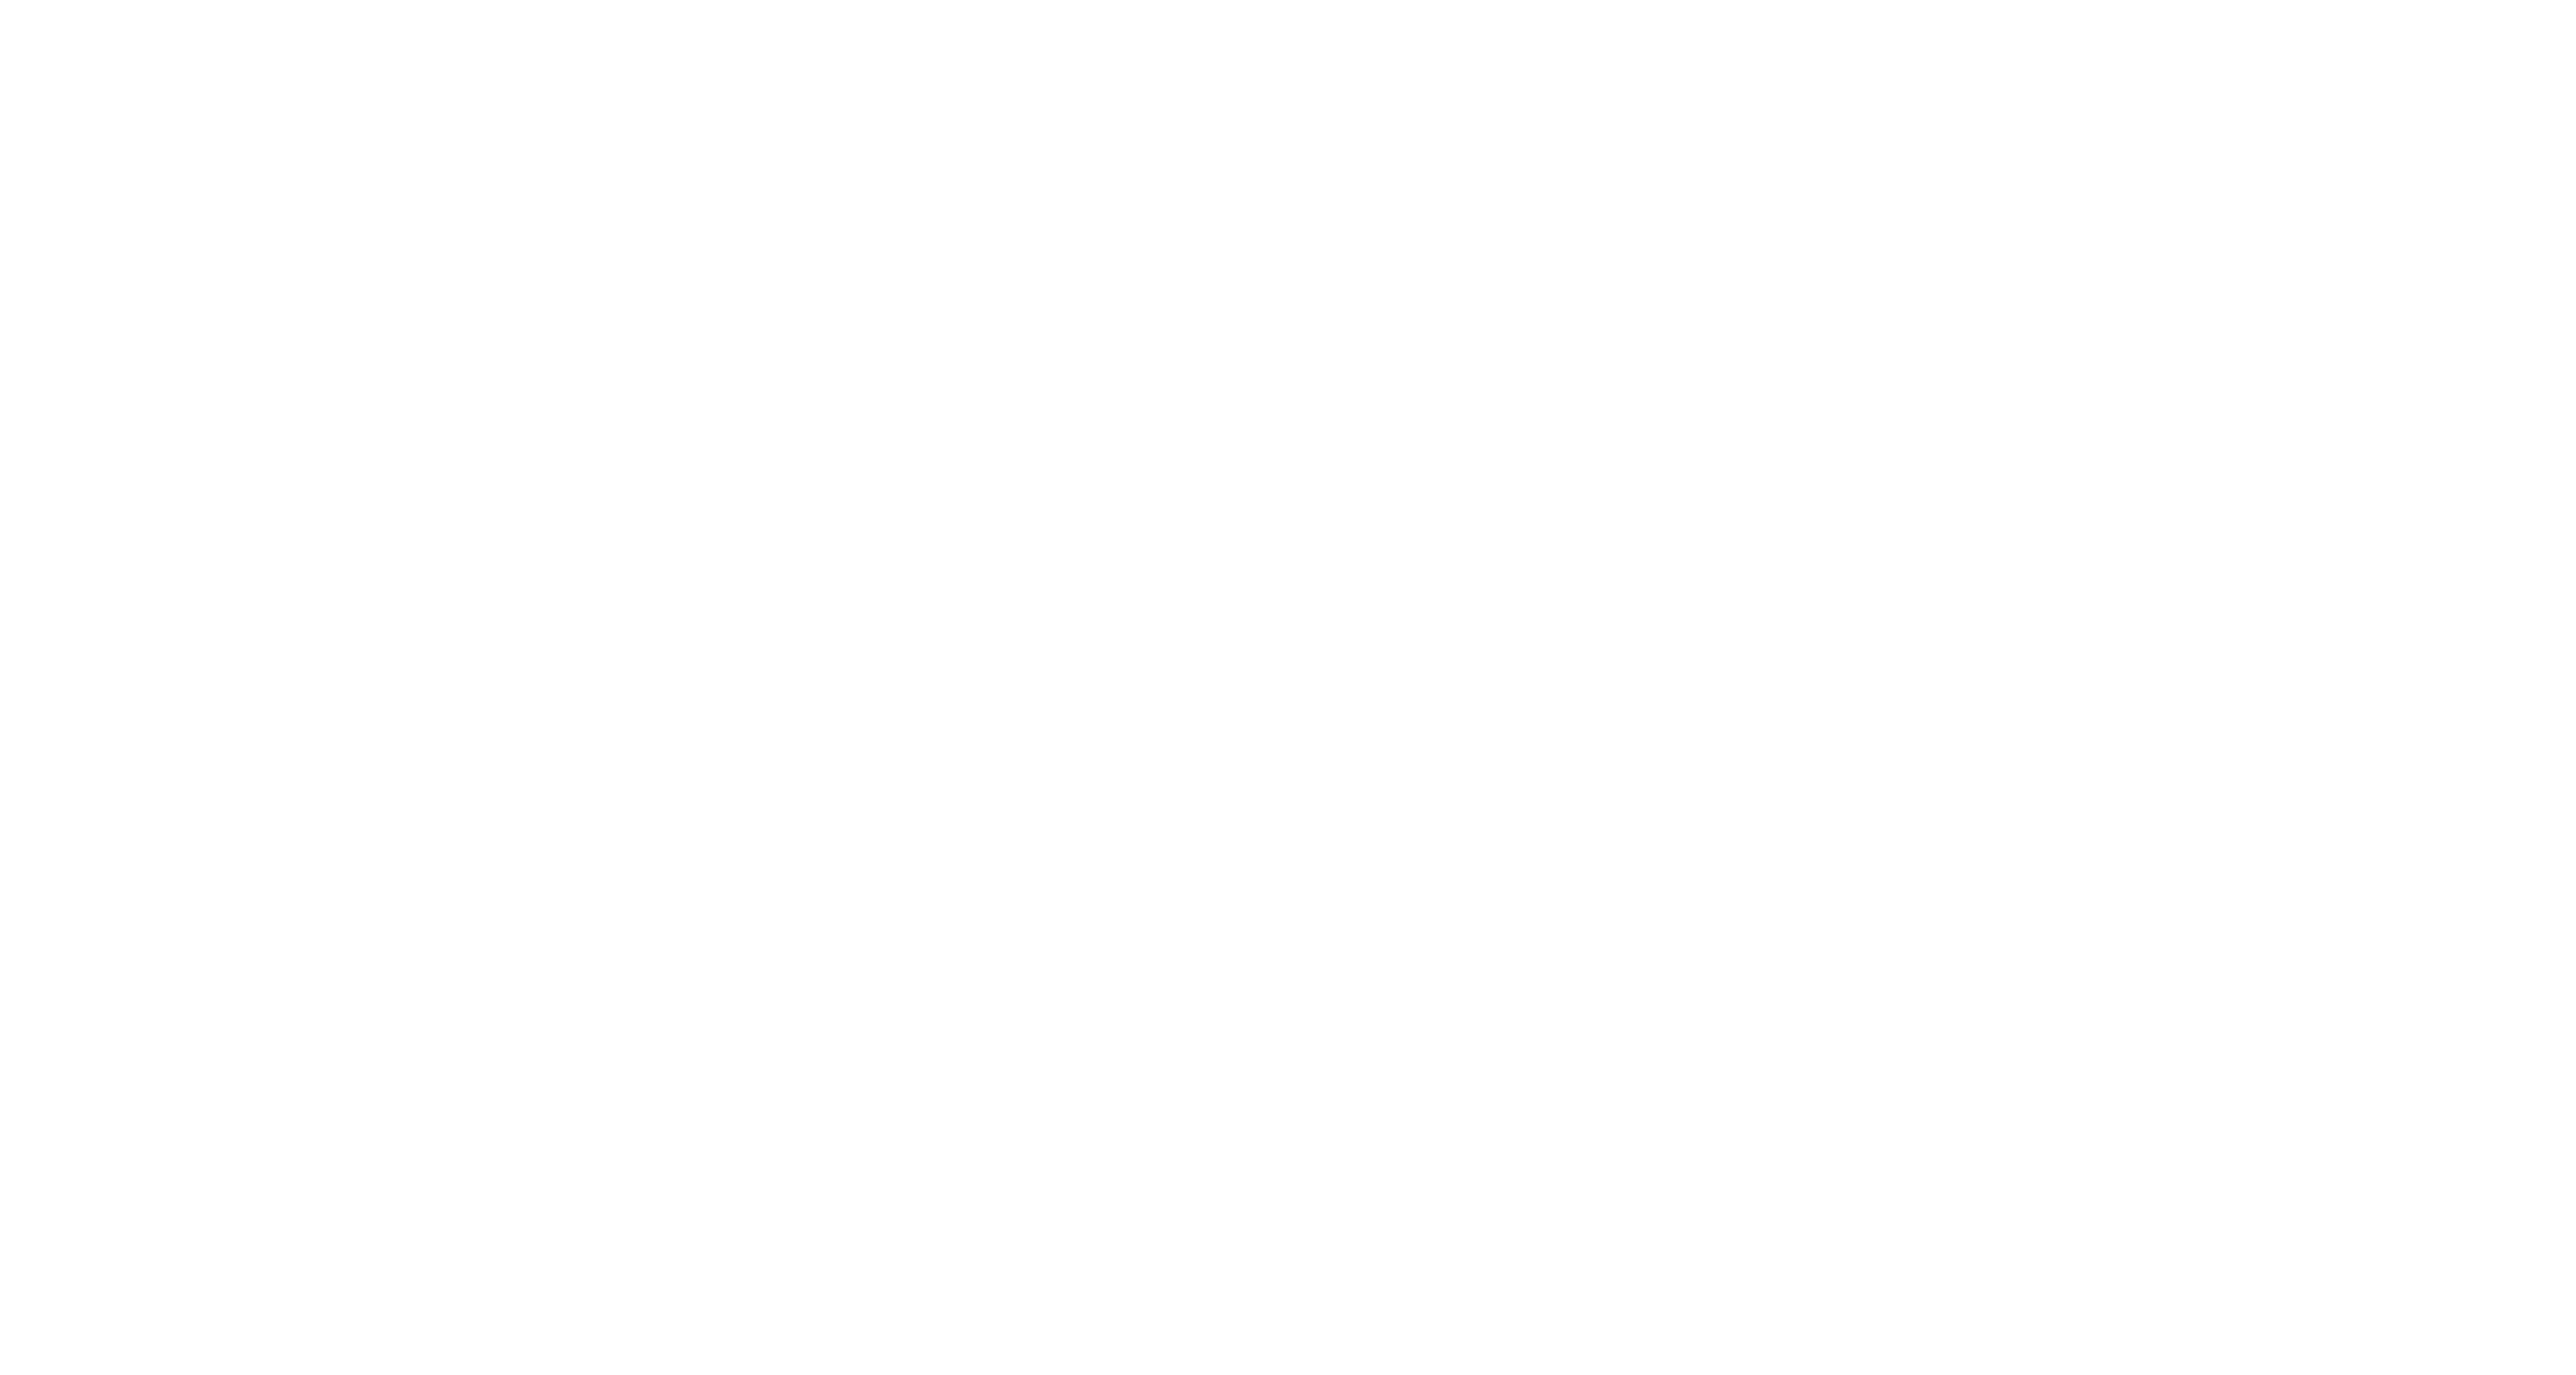 Sonora St Barth